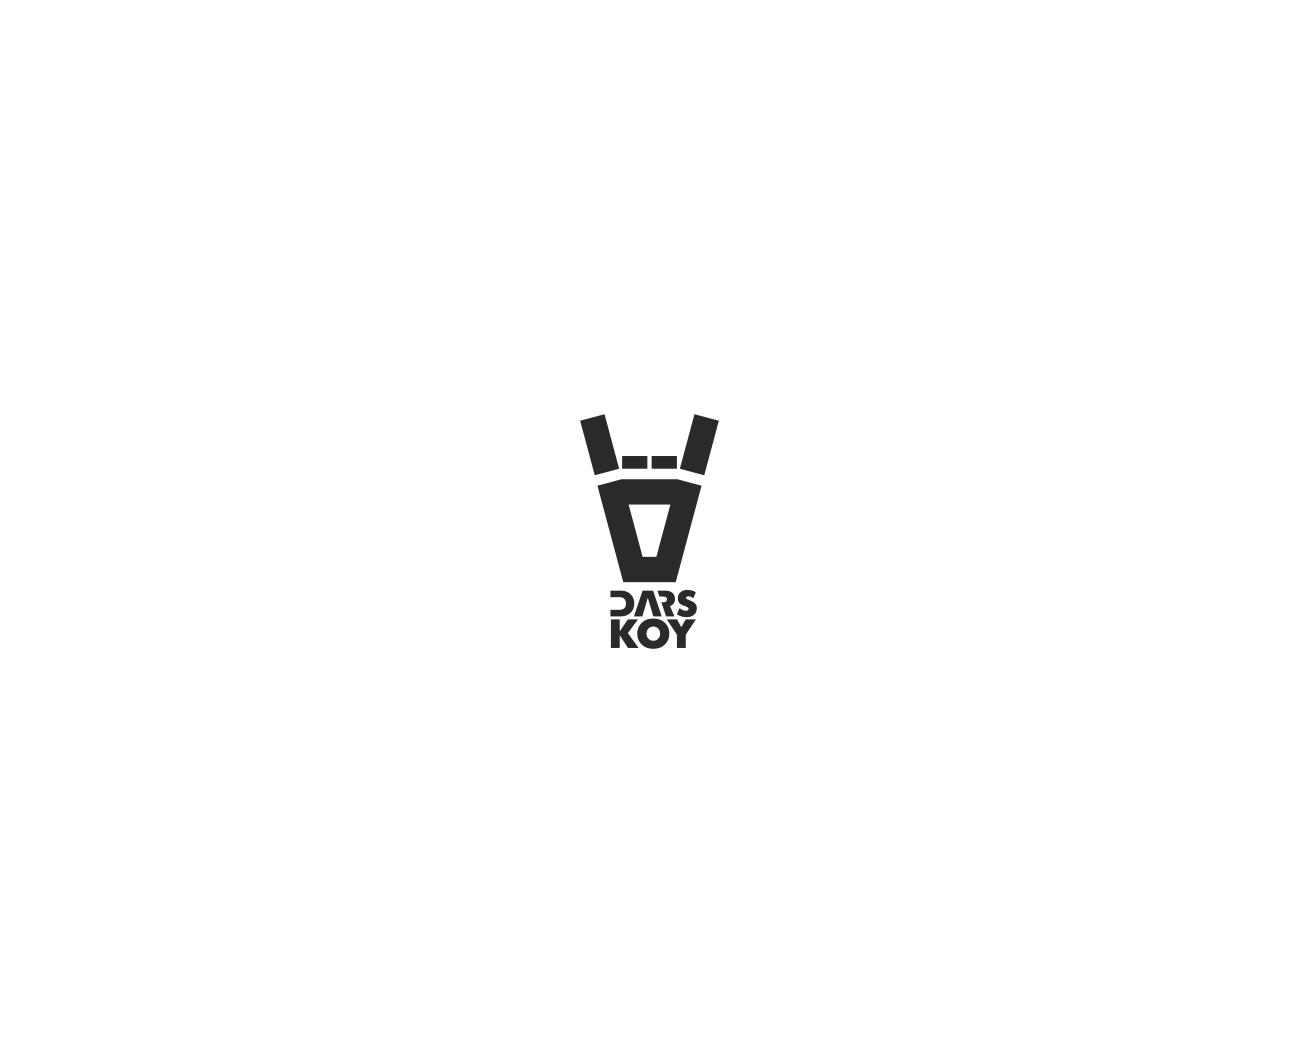 Нарисовать логотип для сольного музыкального проекта фото f_1865ba8d22f92a19.png